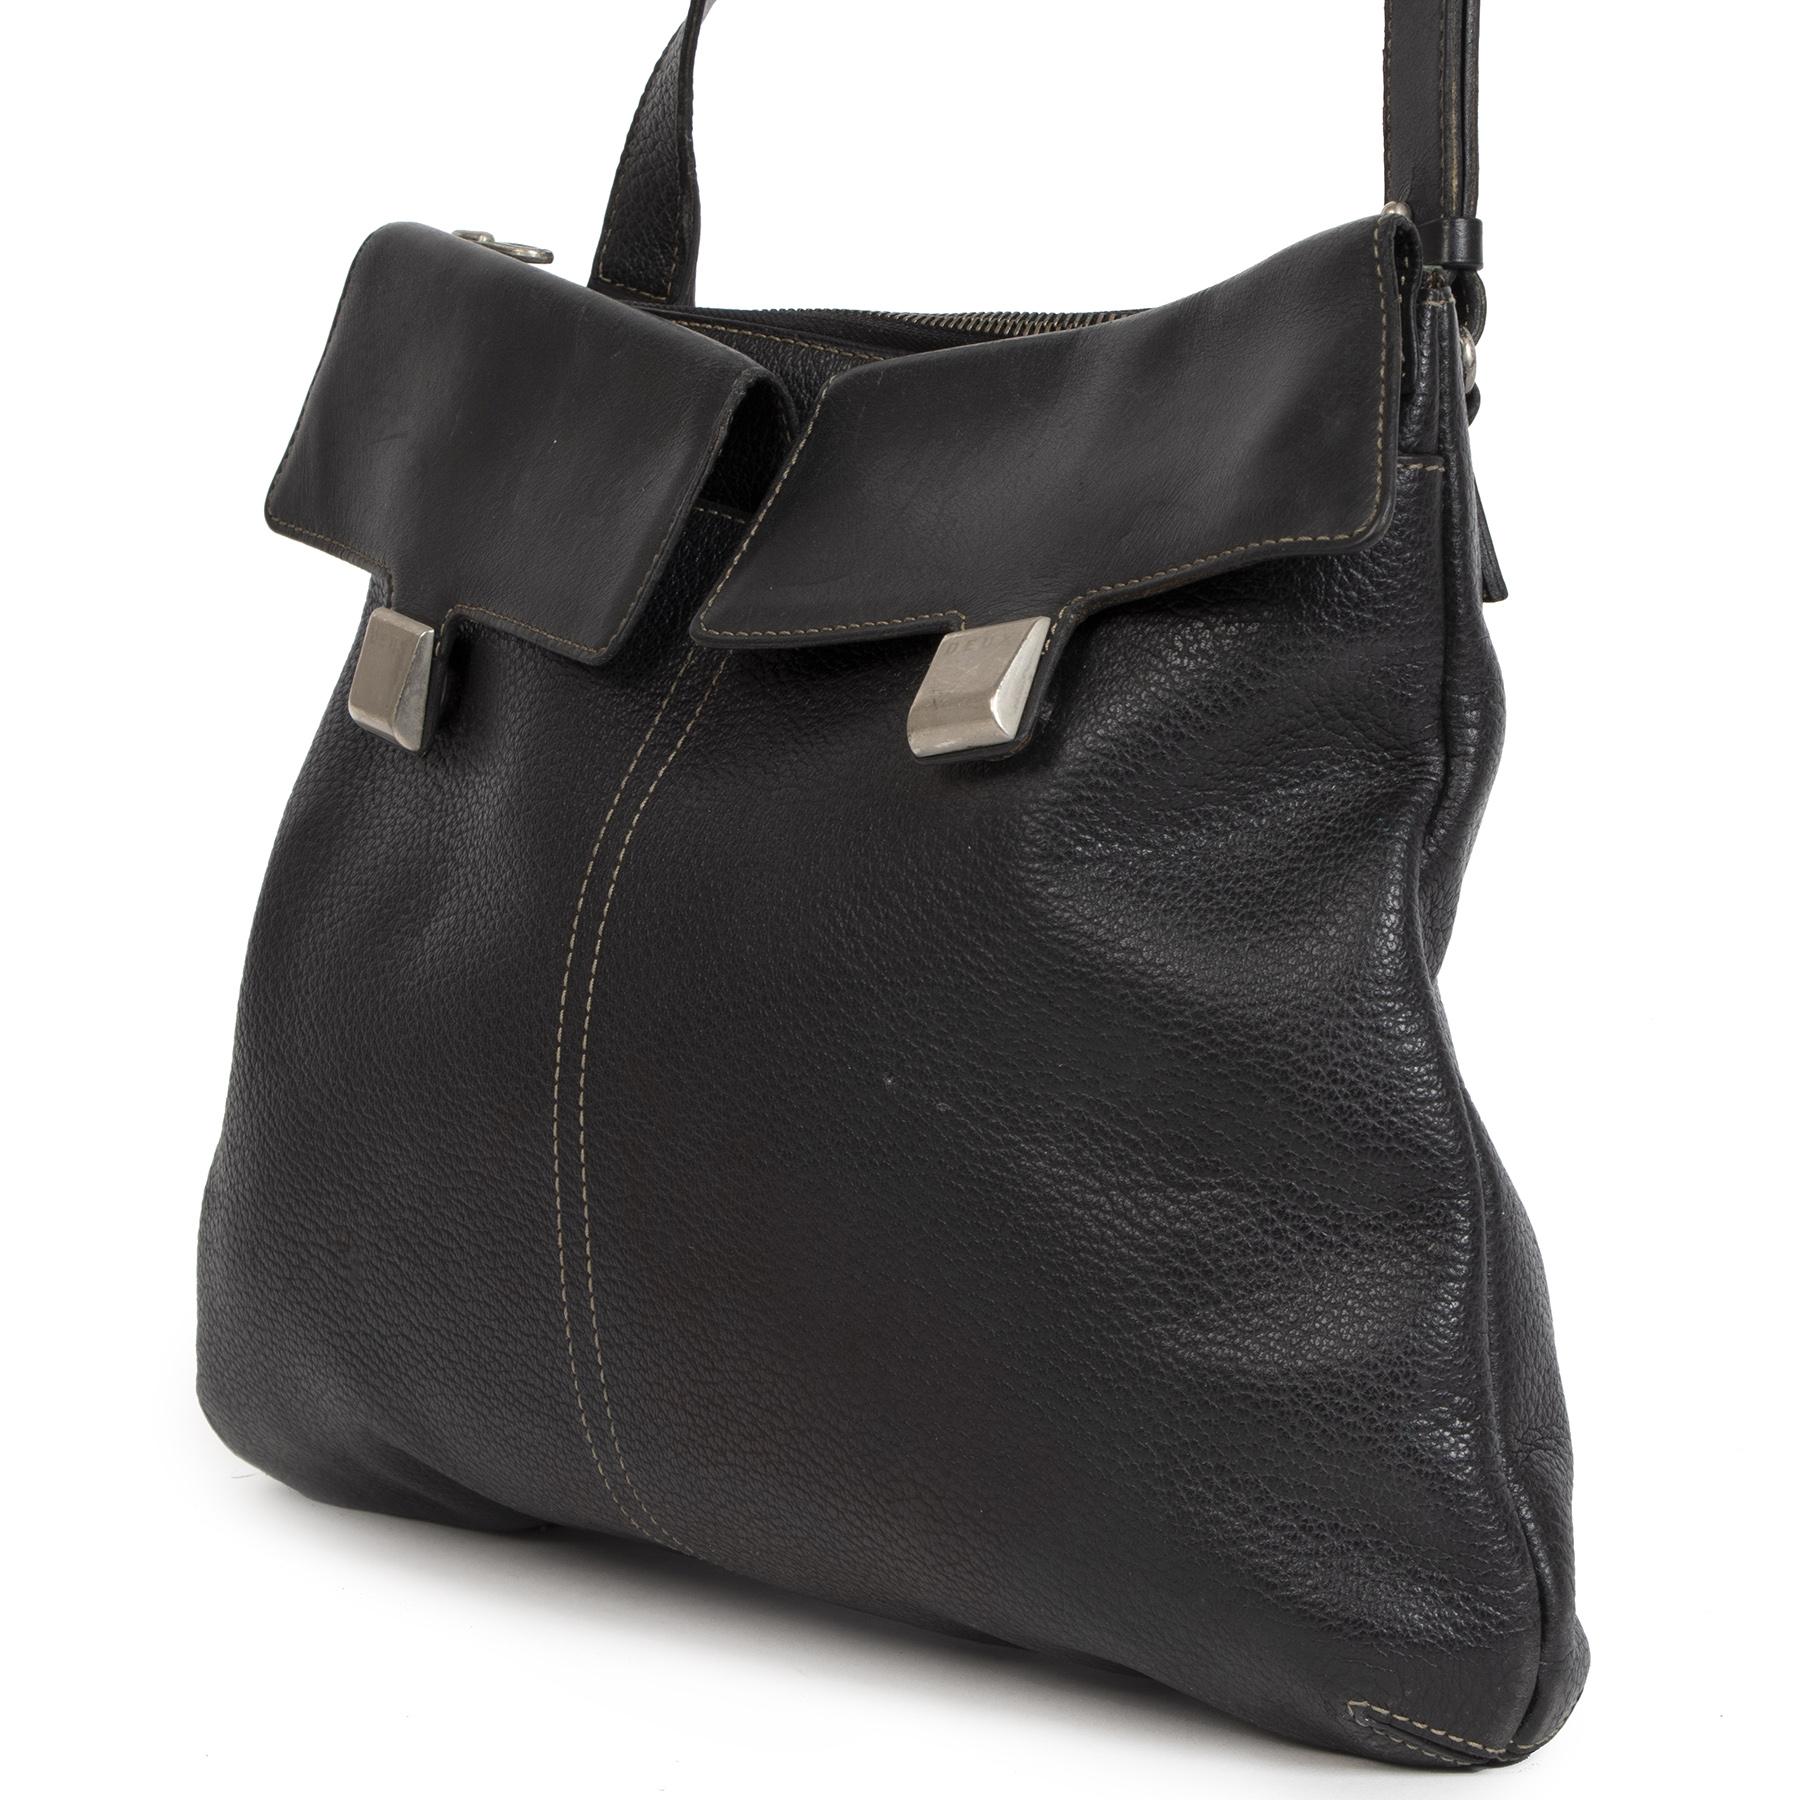 Authentieke Tweedehands Deux de Delvaux Black Leather Crossbody Bag juiste prijs veilig online shoppen luxe merken webshop winkelen Antwerpen België mode fashion